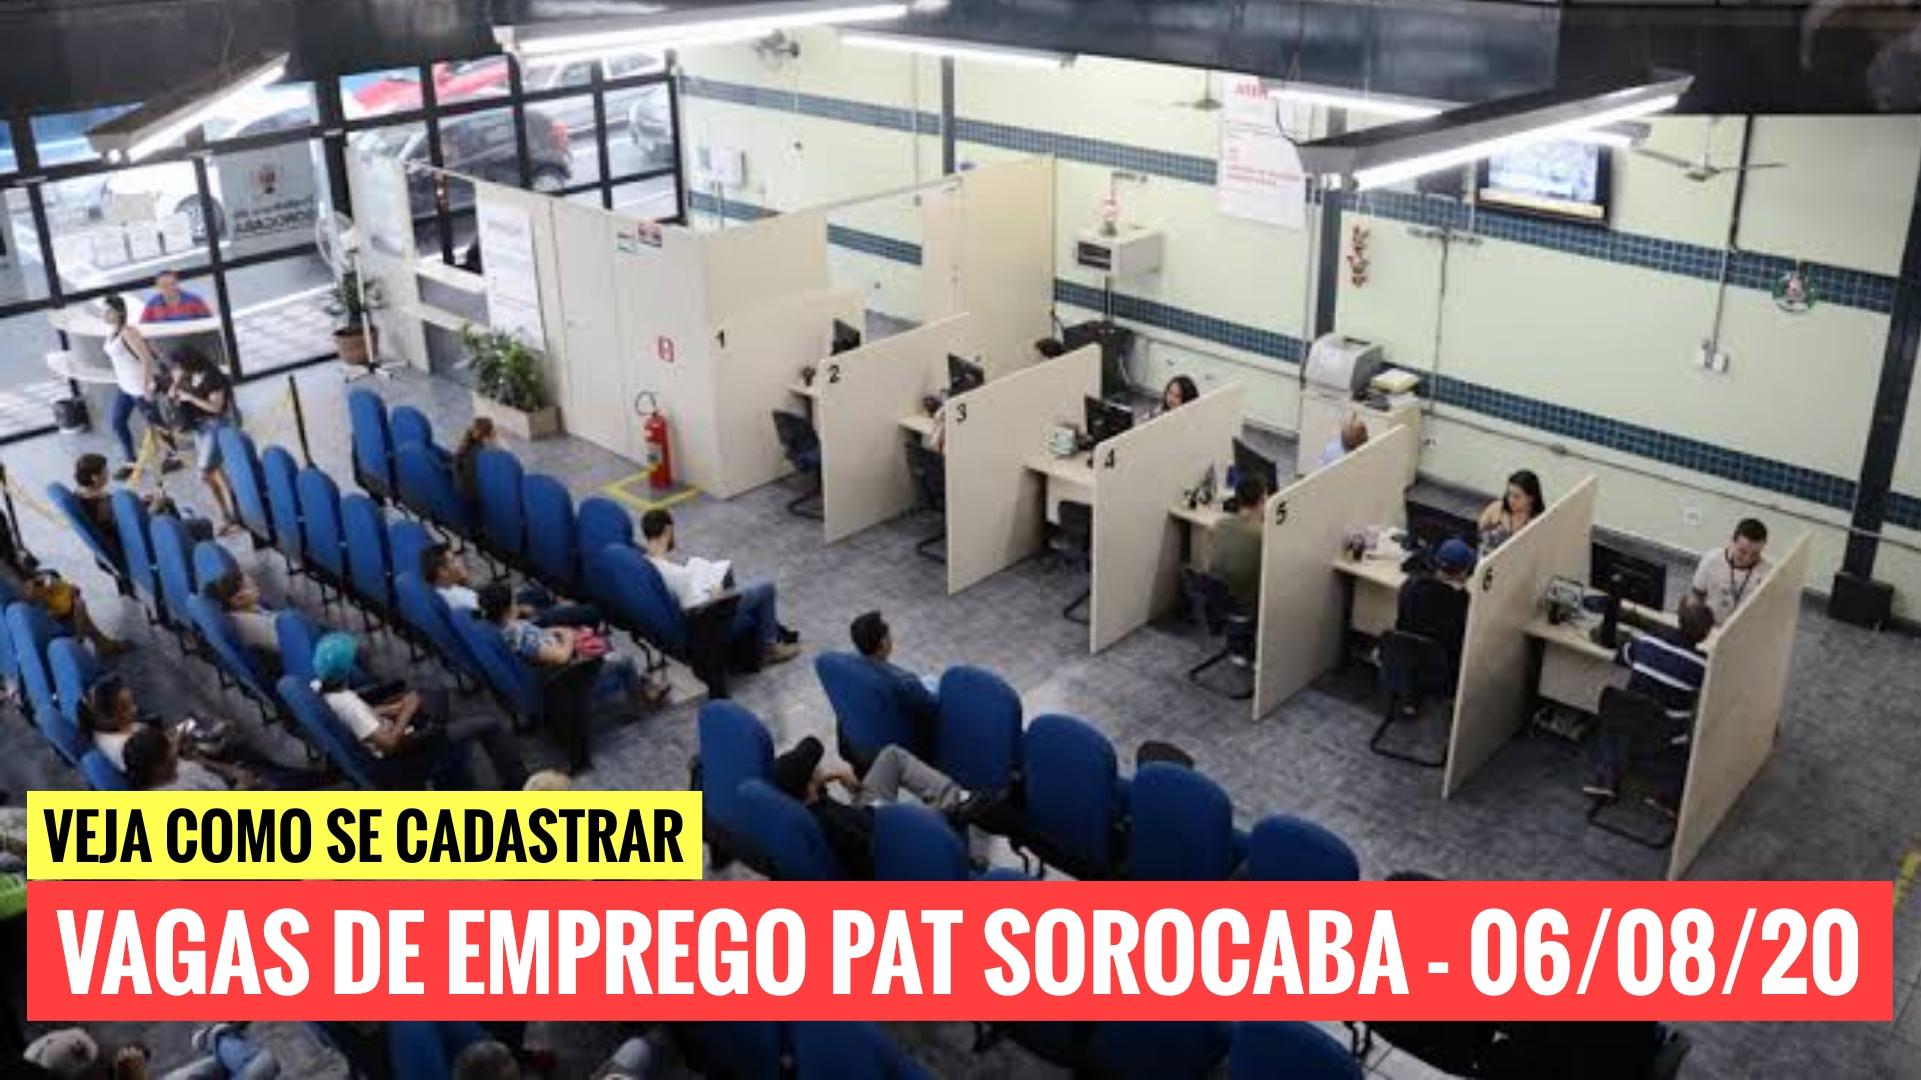 PAT Sorocaba está com vagas de emprego para Almoxarife, Aux. de Escritório, Conferente Líder e outros; confira!